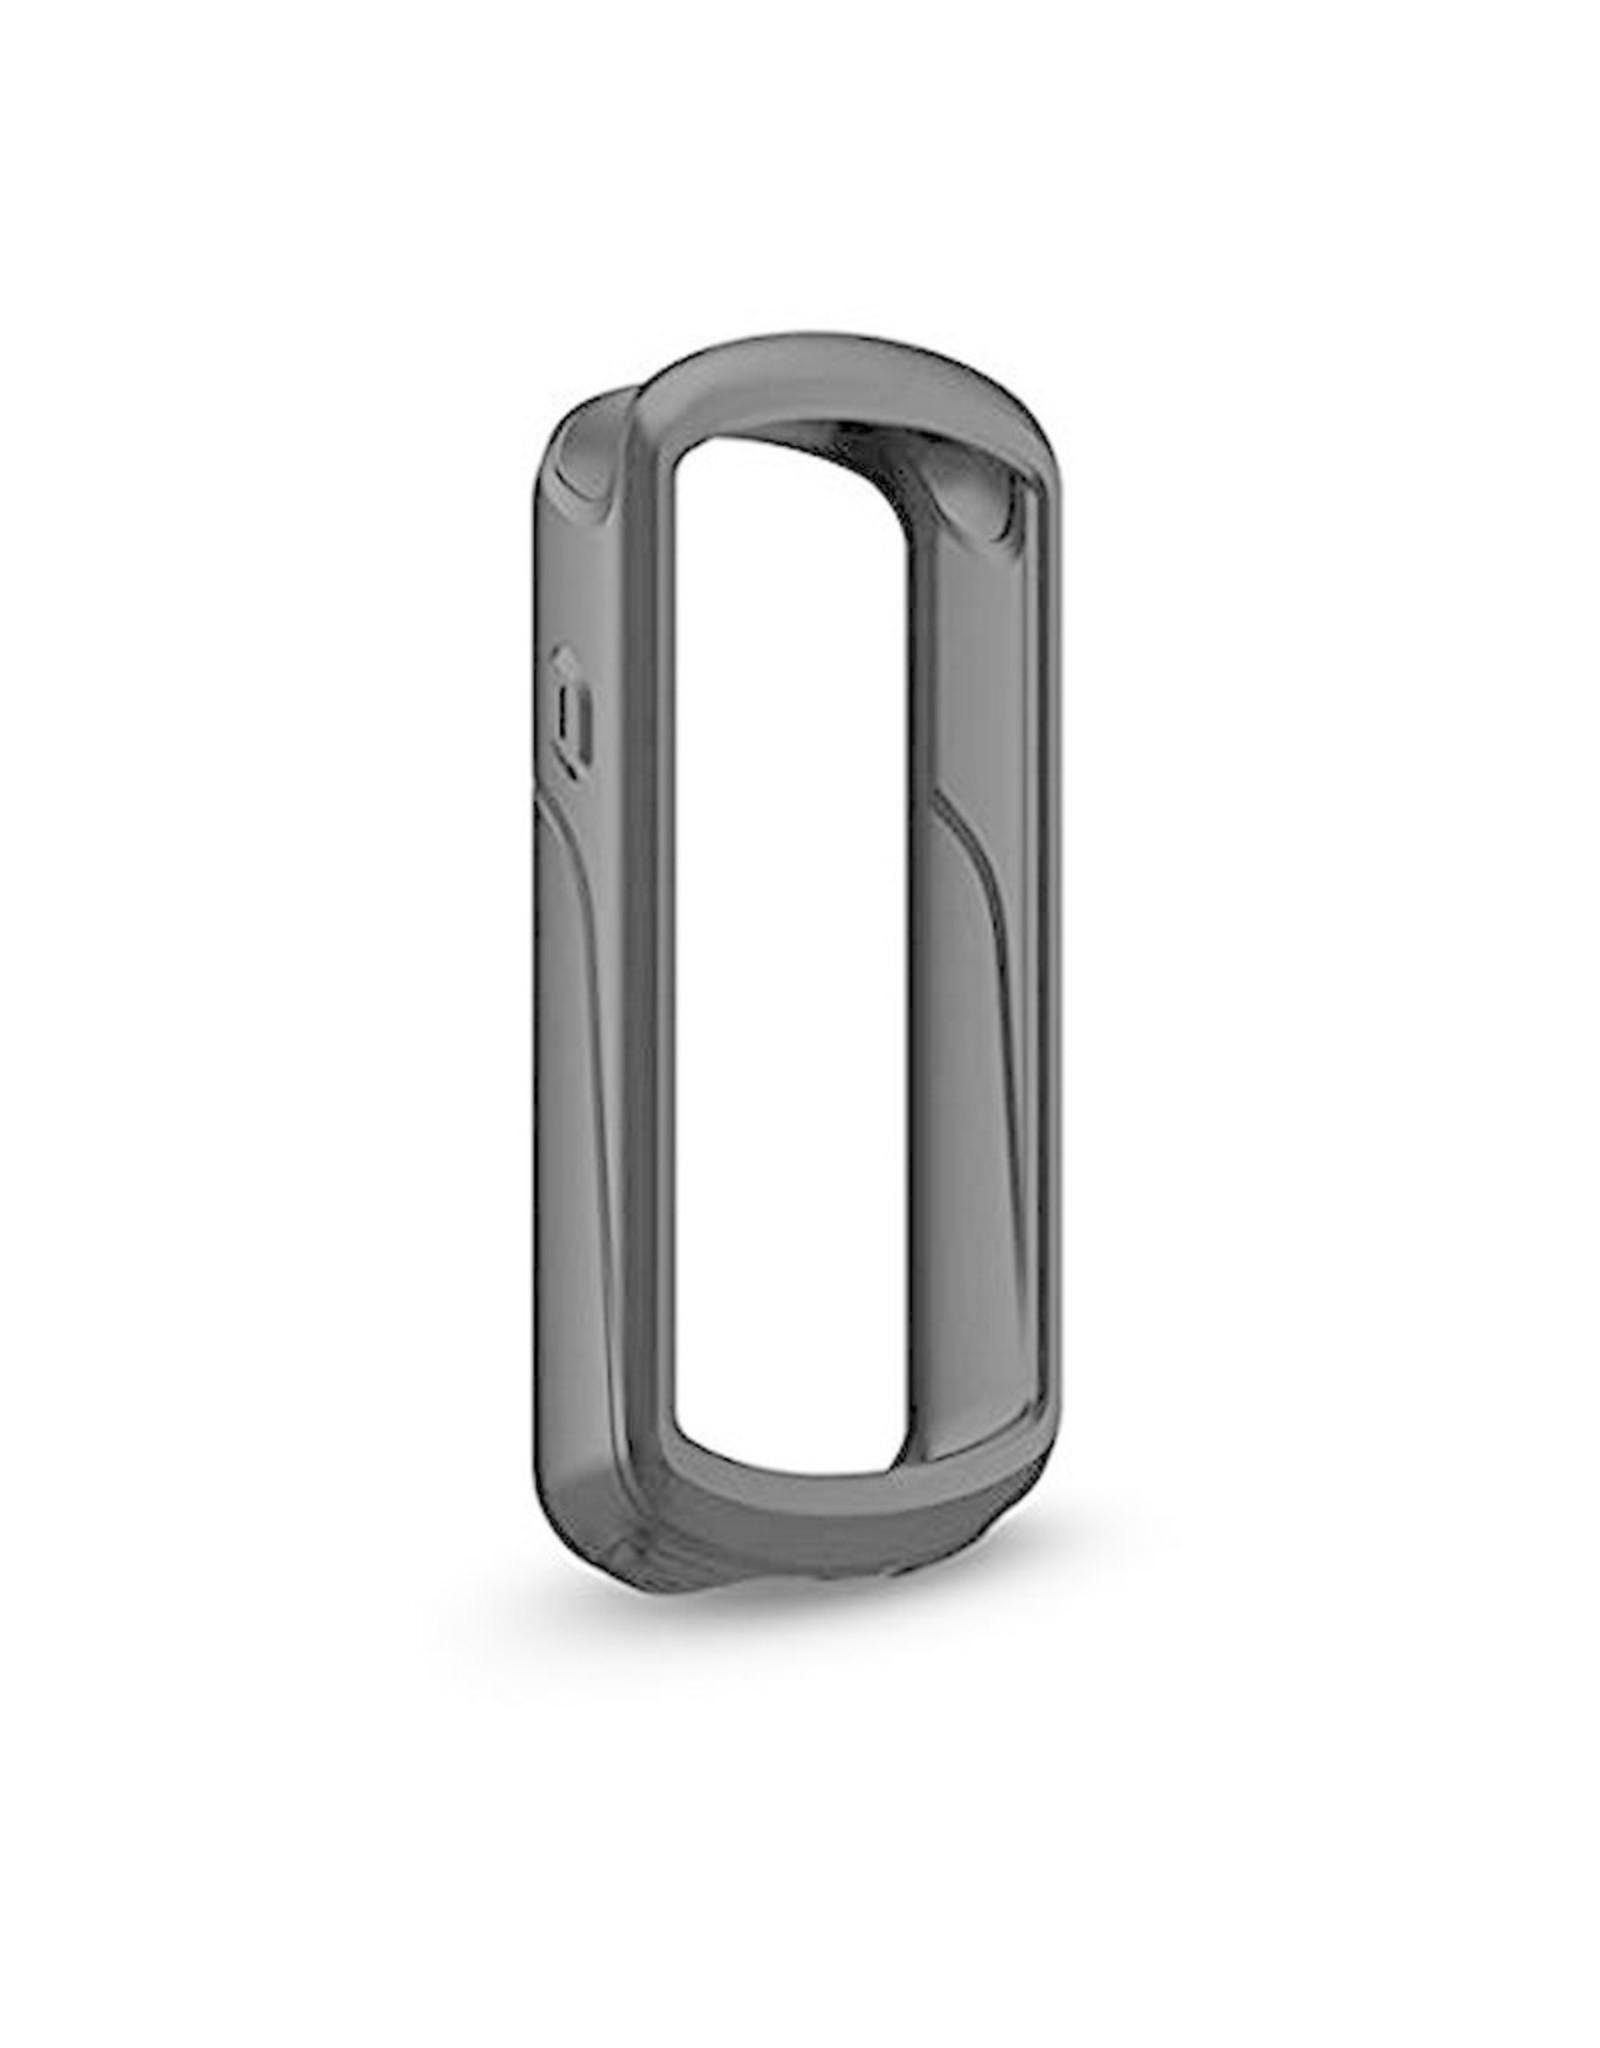 Garmin Silicone Case Garmin For Edge 1030 Black